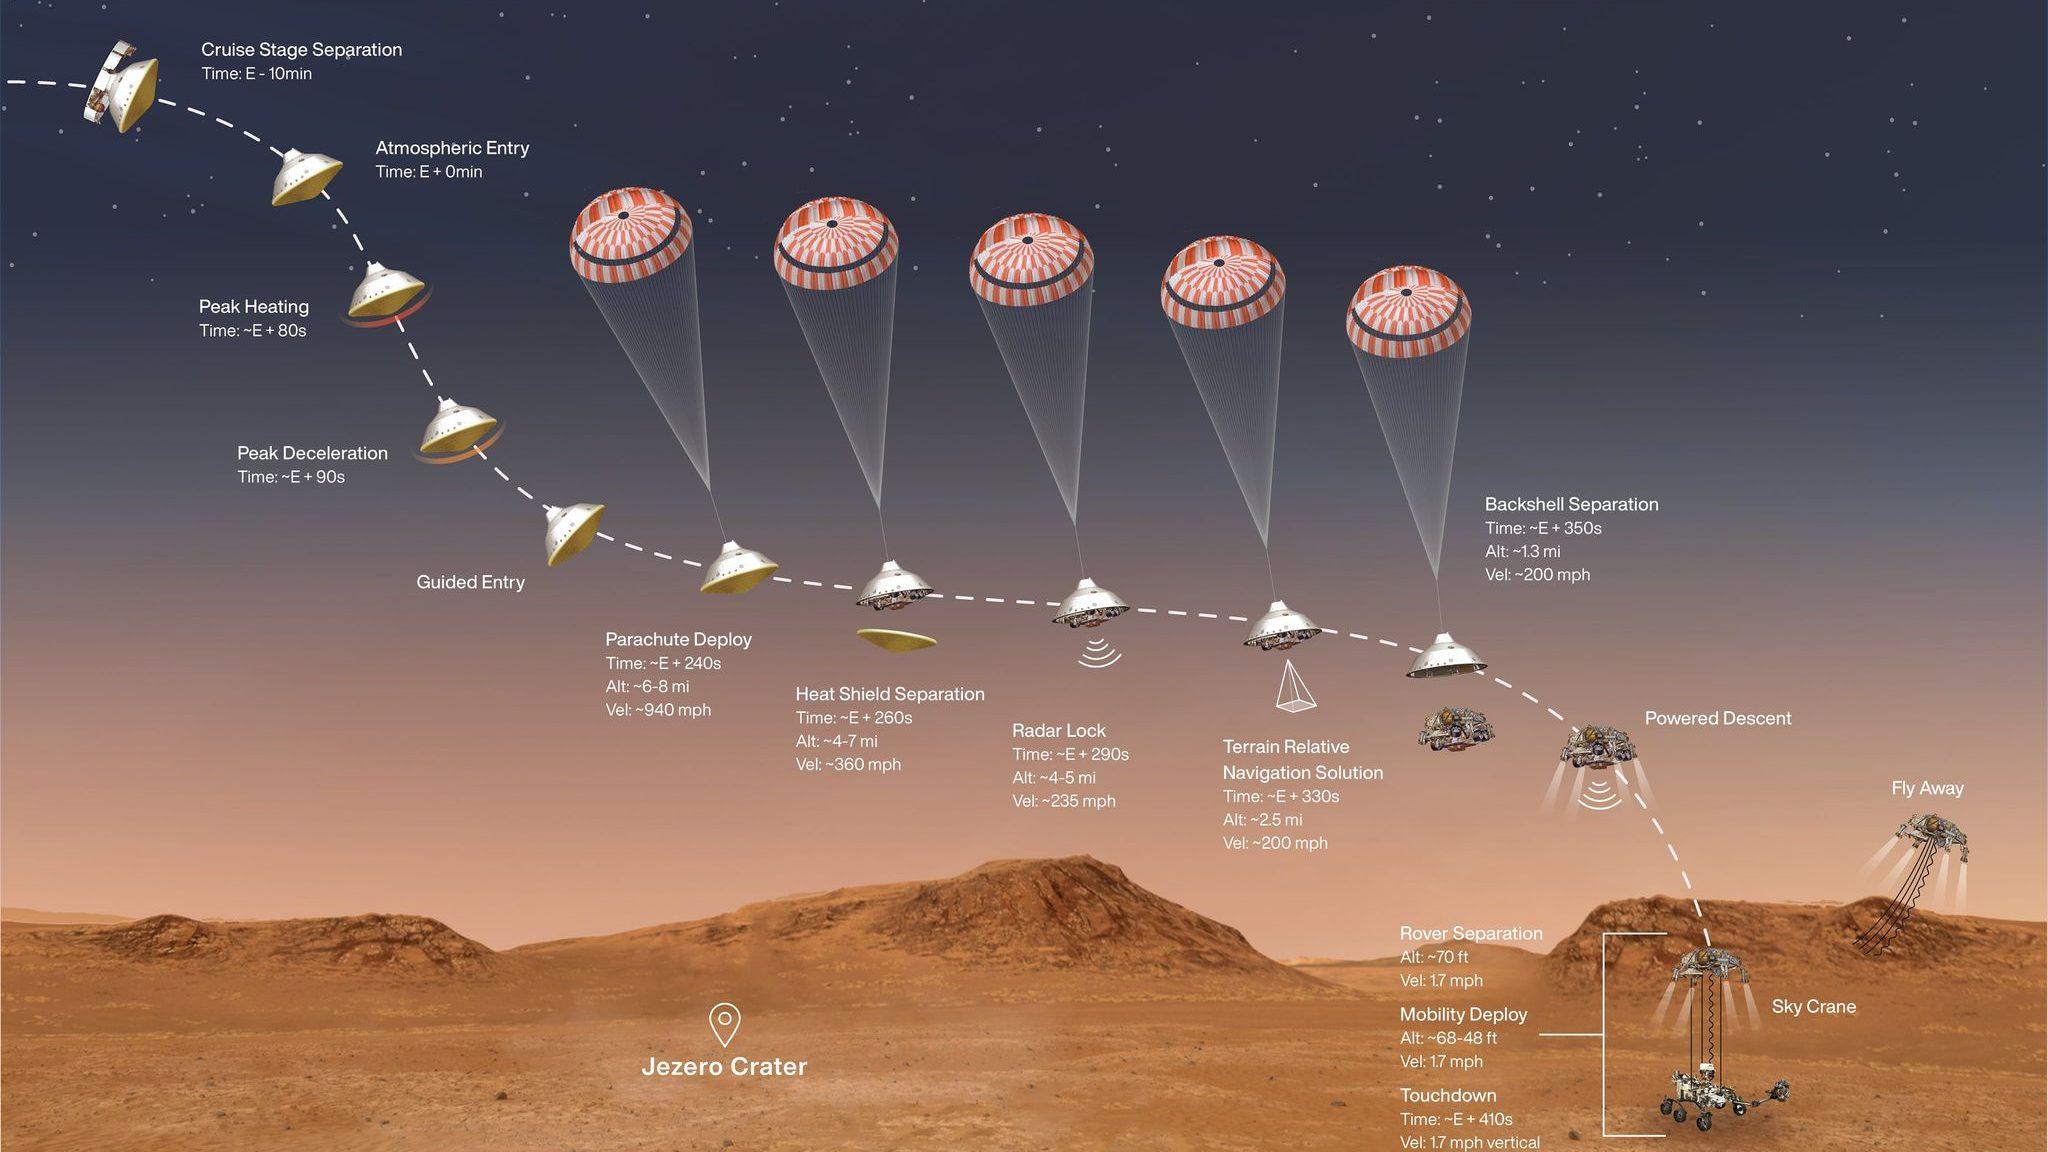 Rover američke svemirske agencije NASA sleteo na Mars (VIDEO) 2